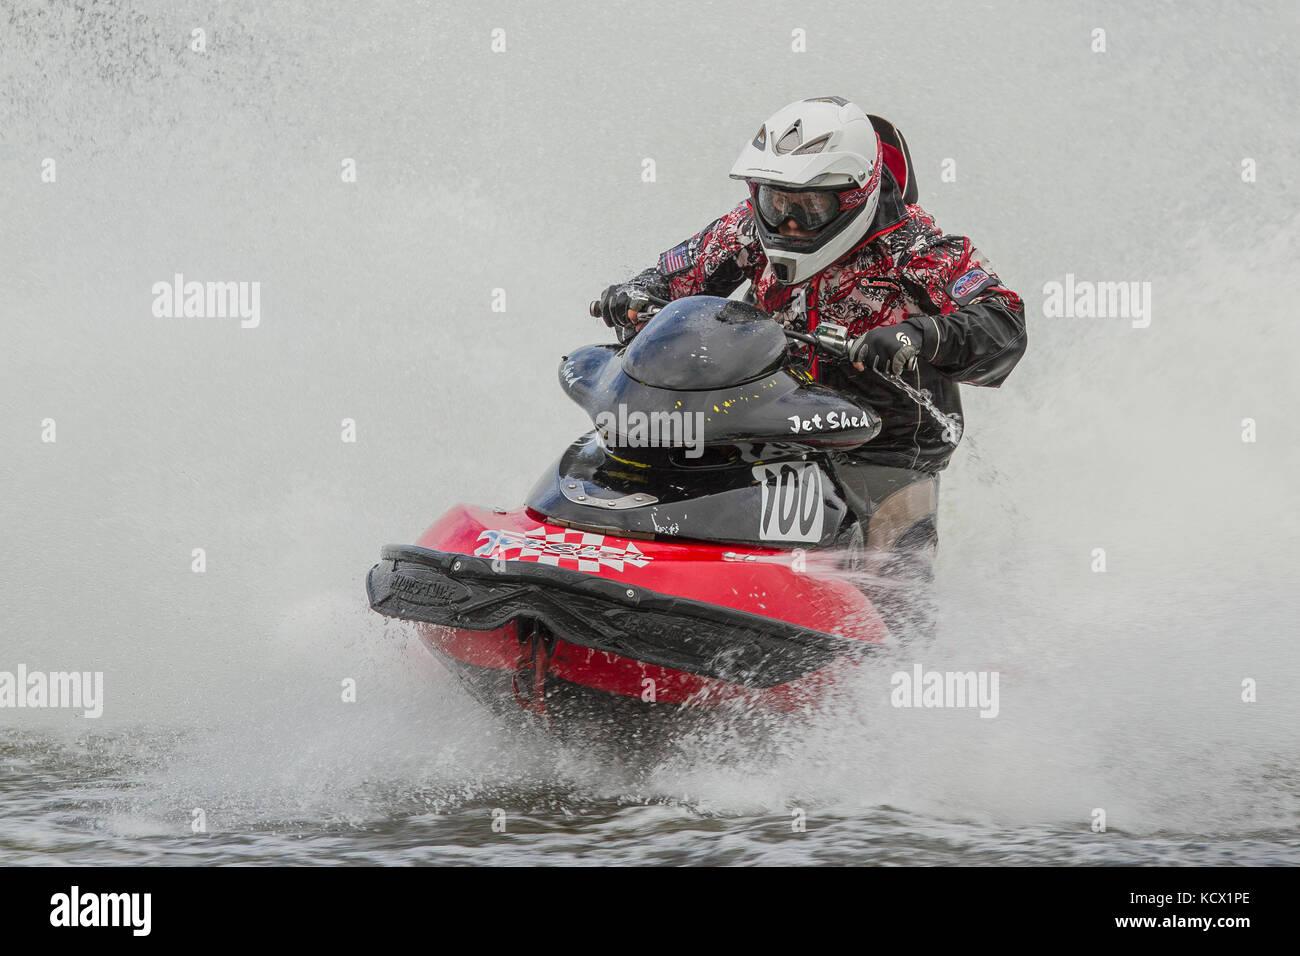 Jet Ski Racing in the JSRA British championship at Avos, Preston, UK - Stock Image